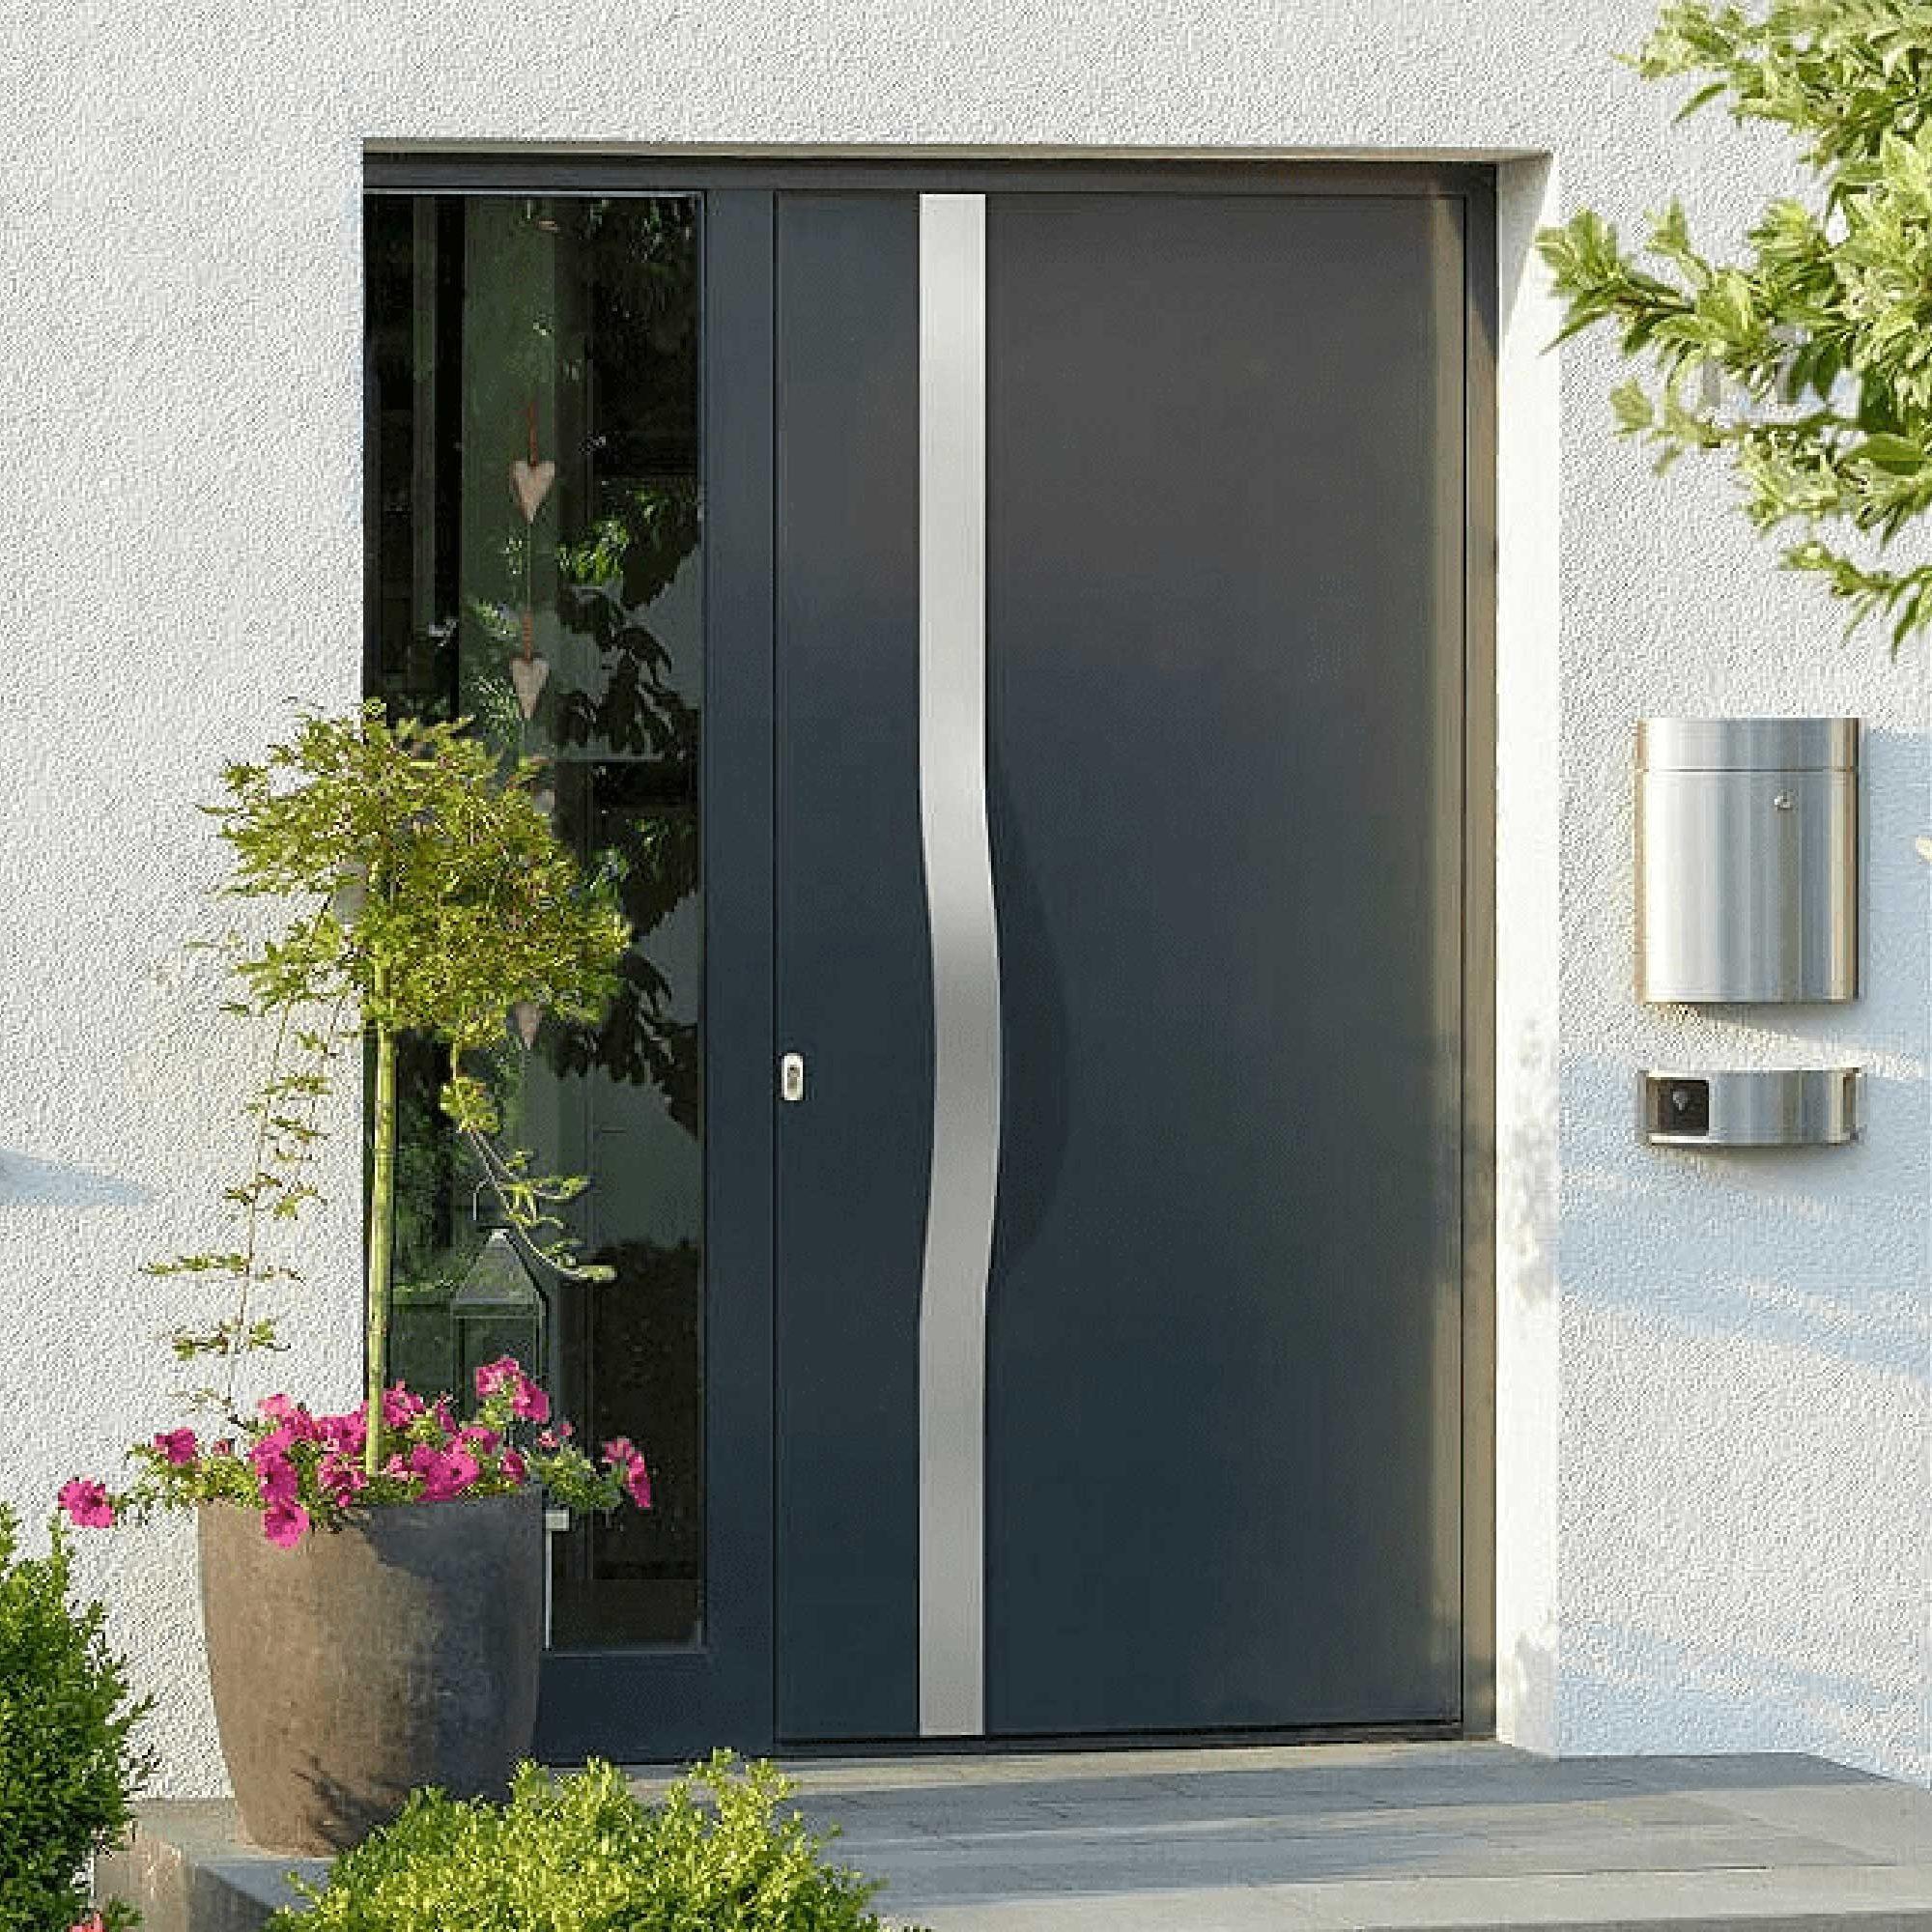 SG9-fortis-door-made-in-britain